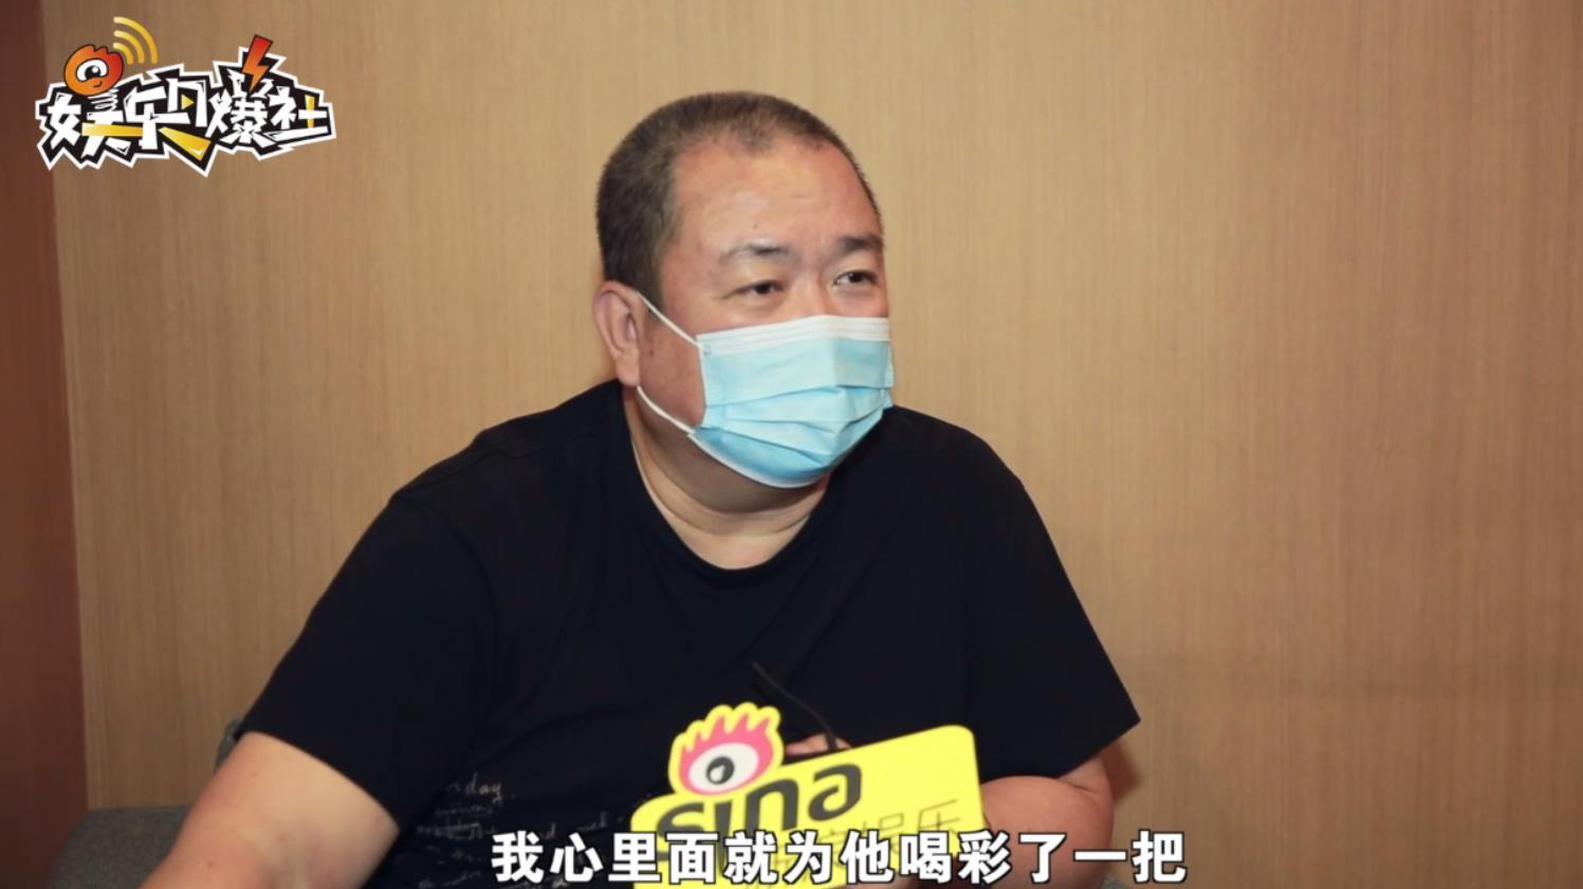 劉江拍抗疫劇請疾控中心全程指導 為黃景瑜表演細節喝彩